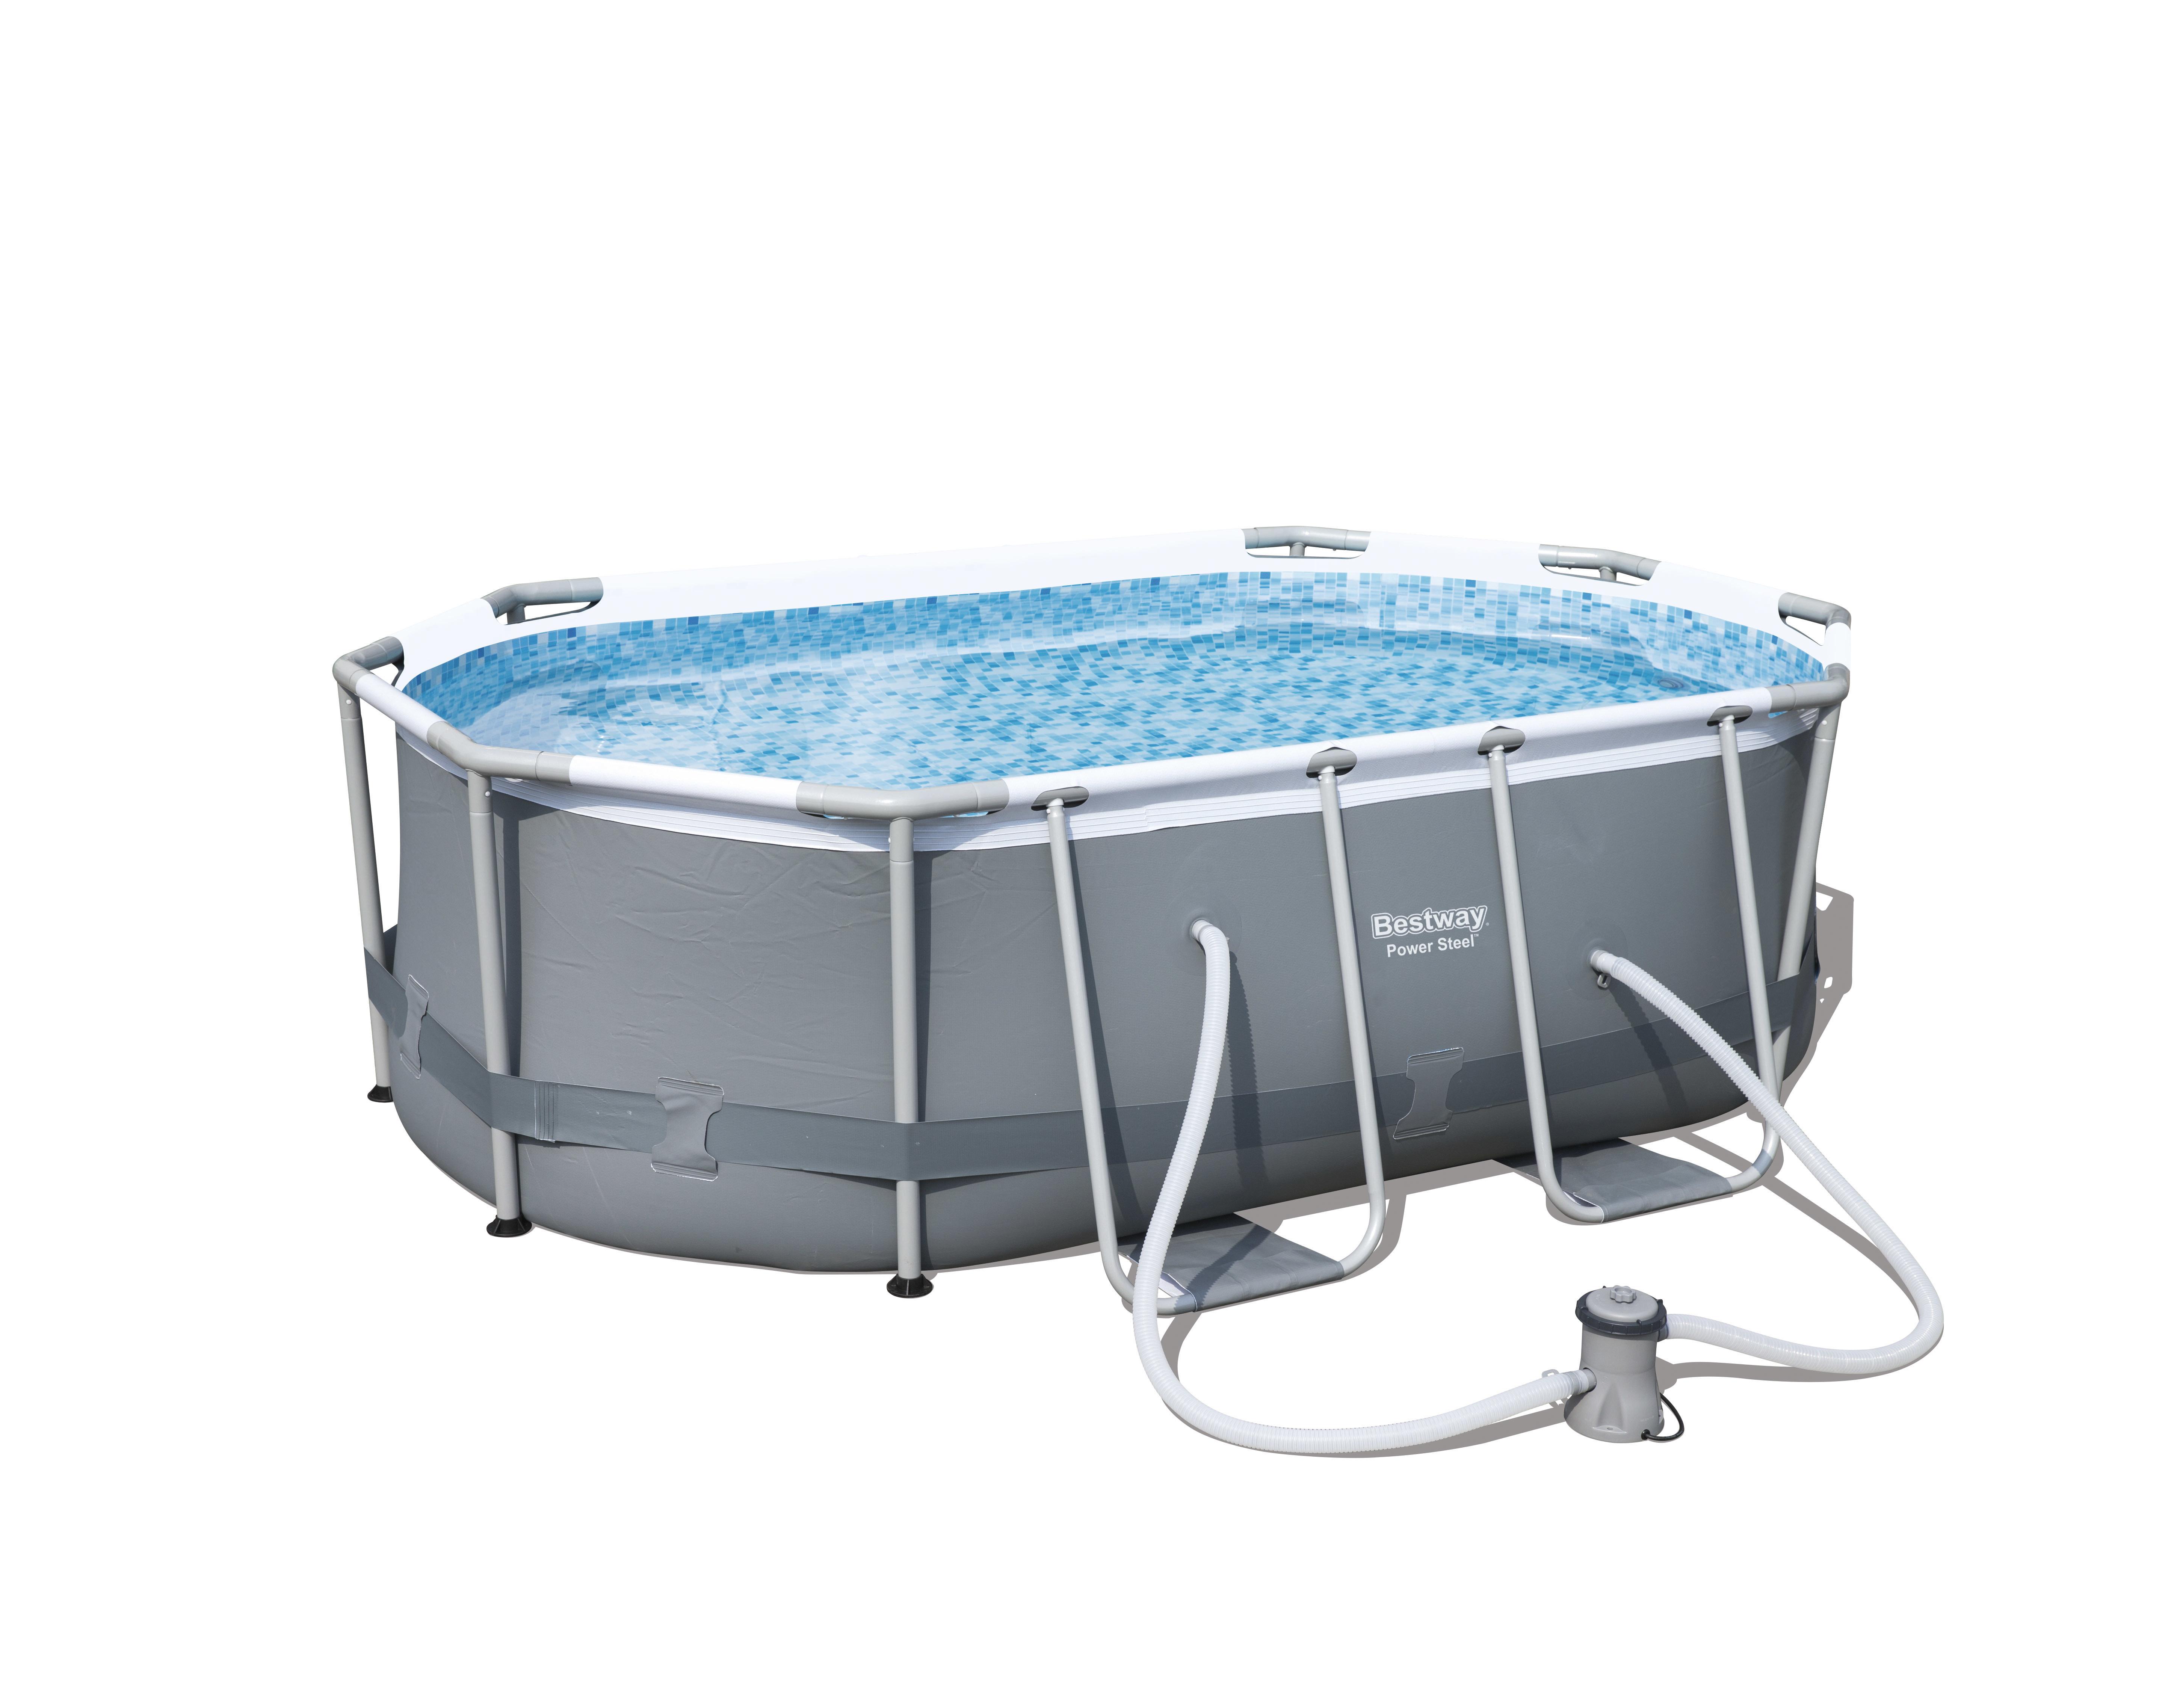 Bestway Levant Zwembad Frame 300 X 200 Cm kopen in de aanbieding